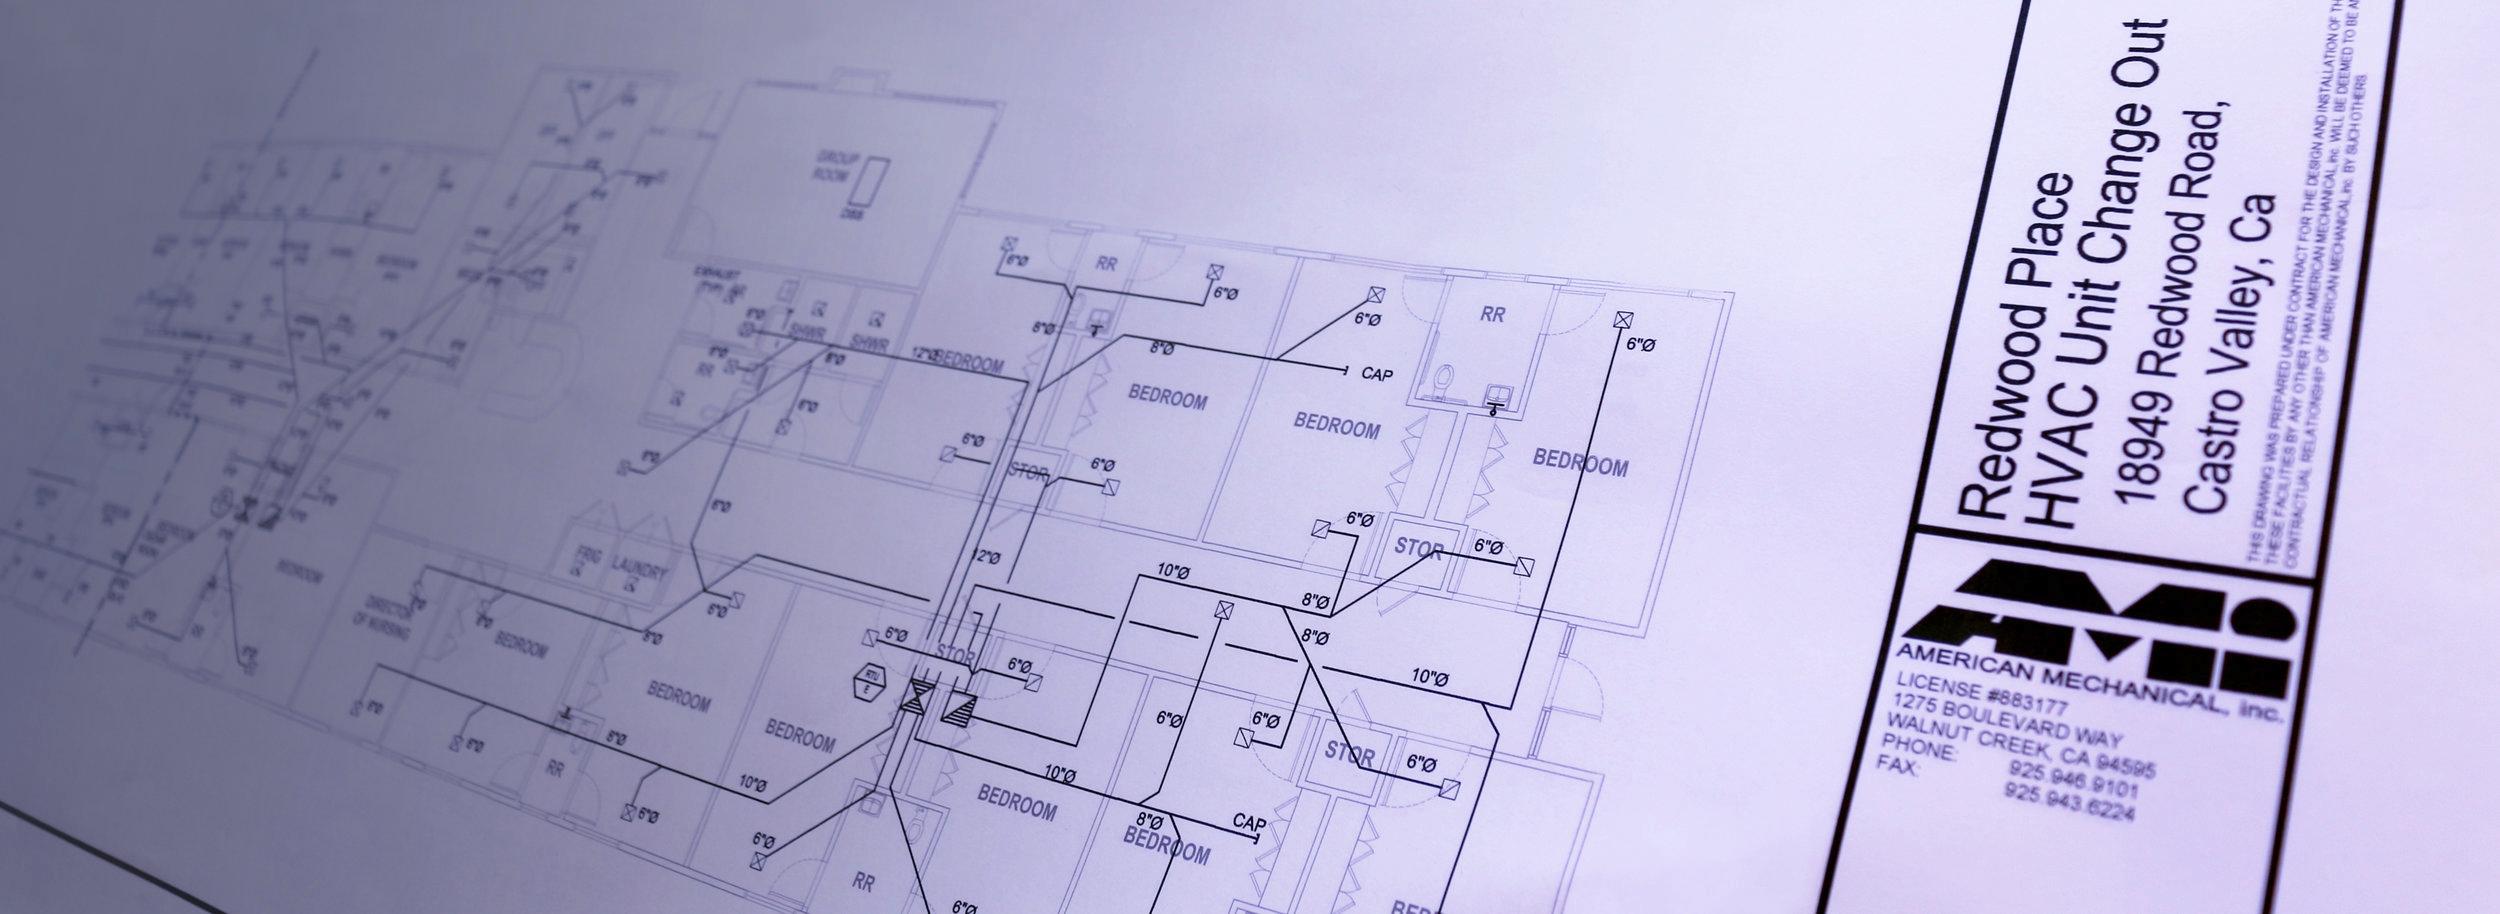 medium resolution of blueprint 3 jpg format 1500w